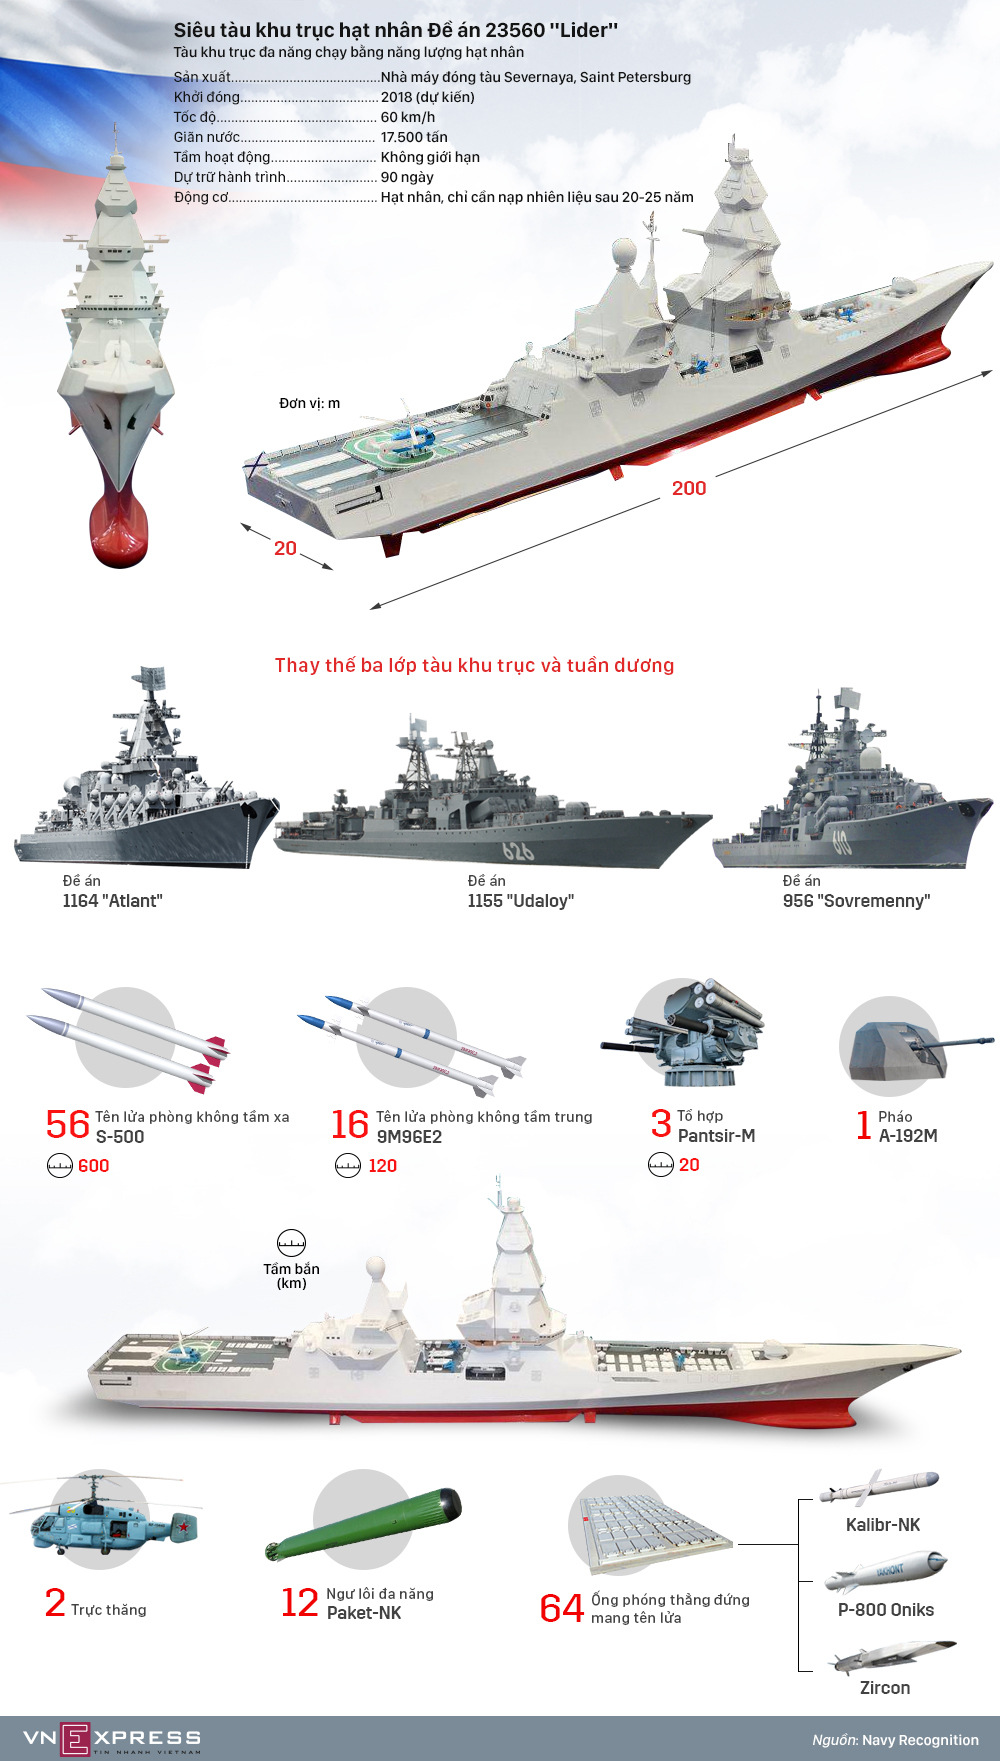 Uy lực siêu tàu khu trục hạt nhân Nga sắp chế tạo